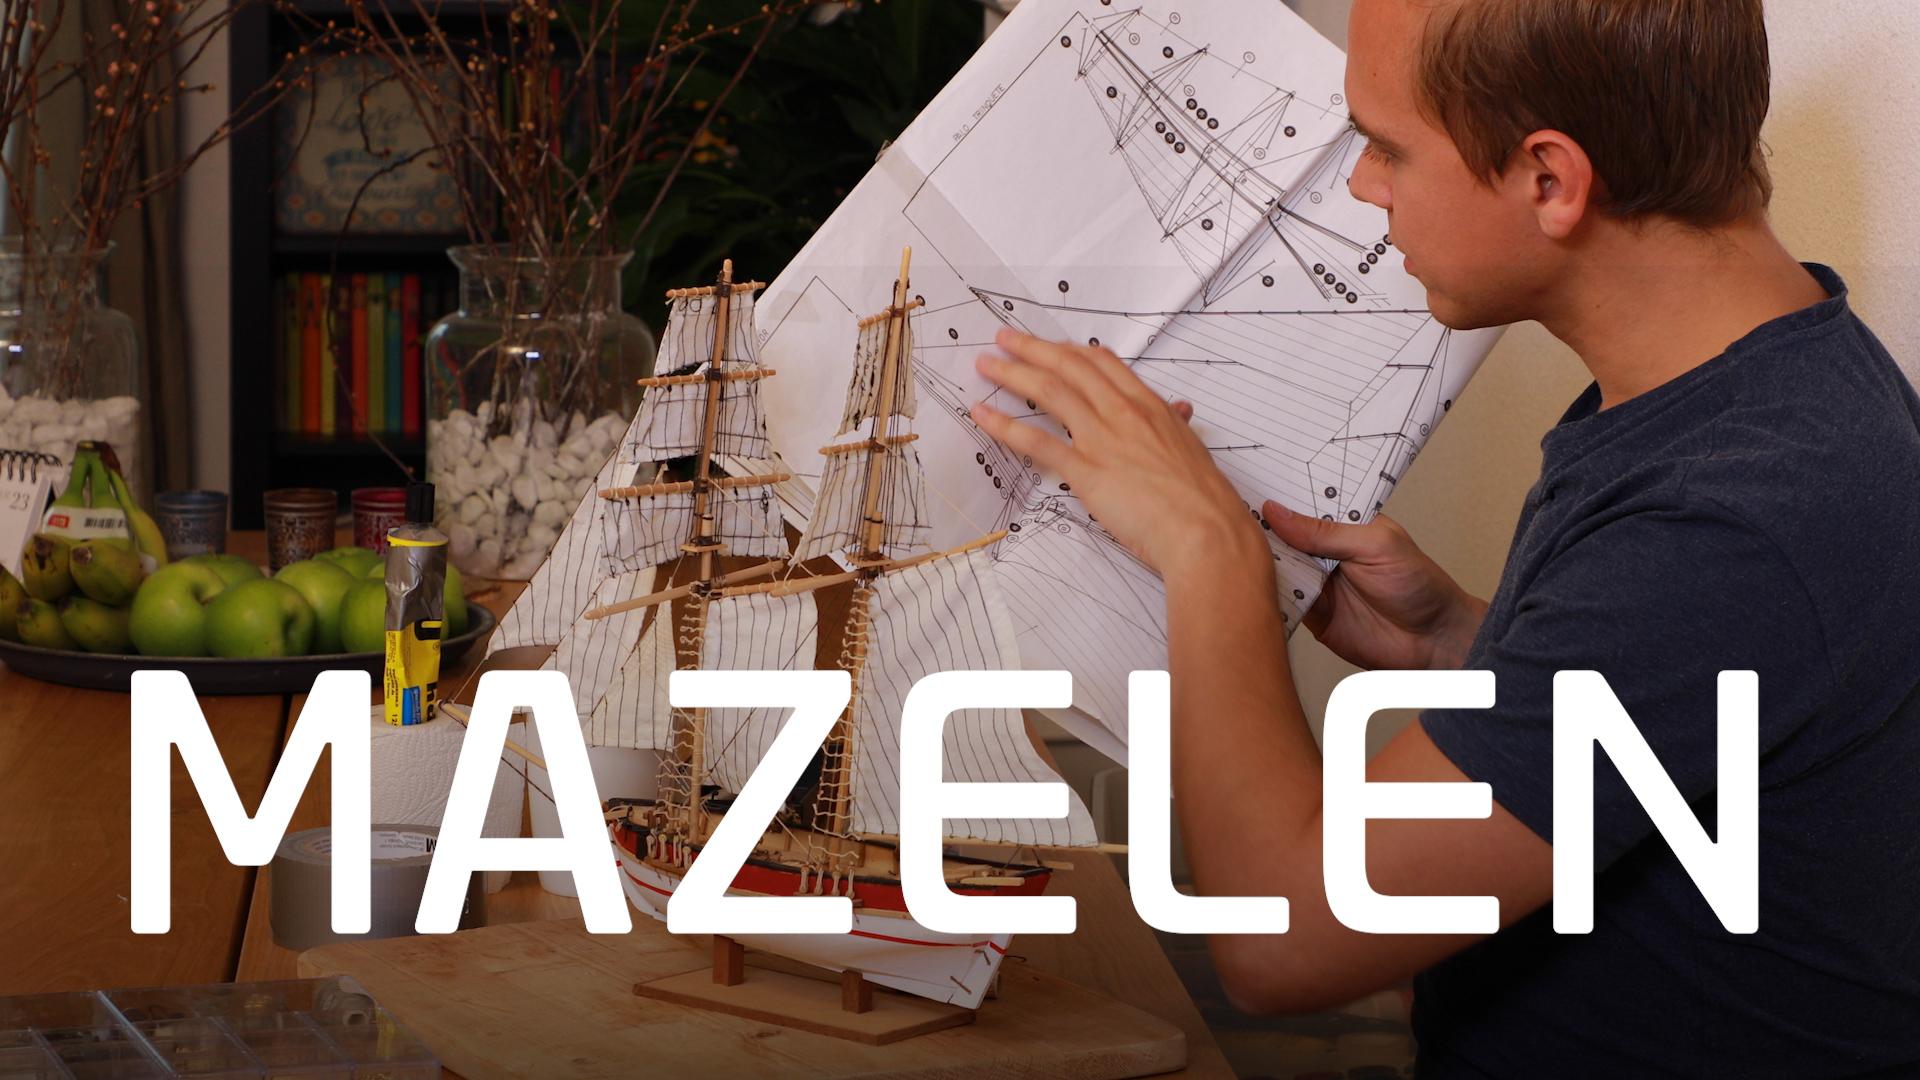 Bekijk de video: Mazelen